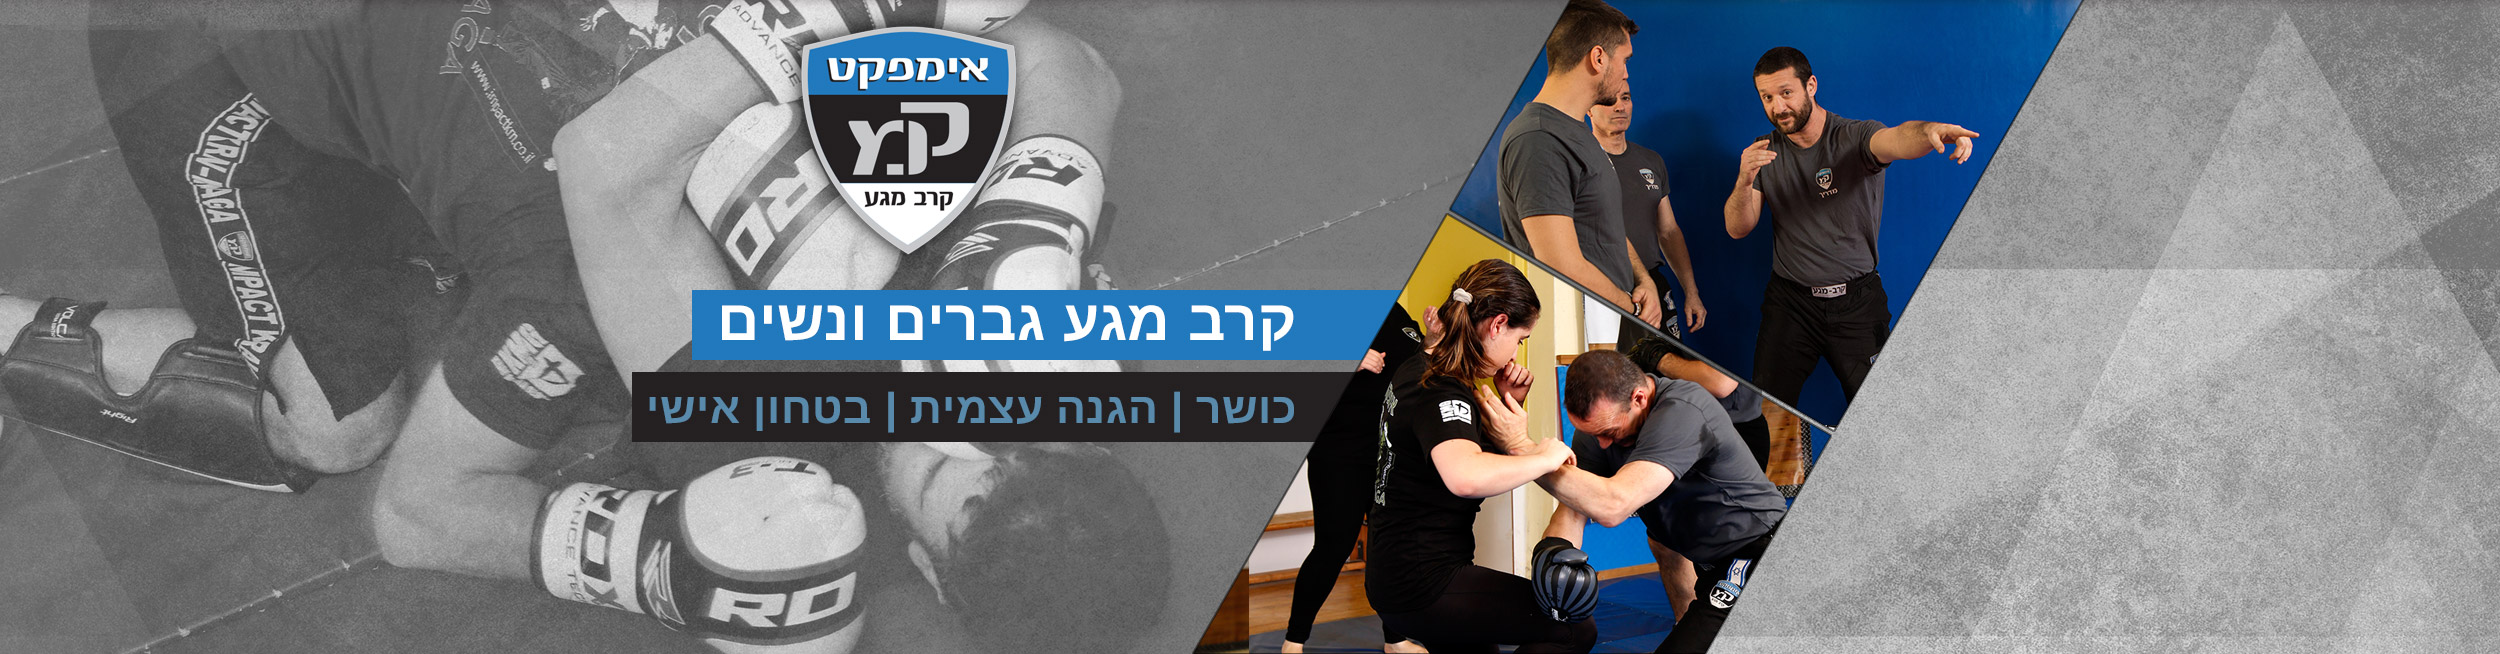 קרב מגע תל אביב